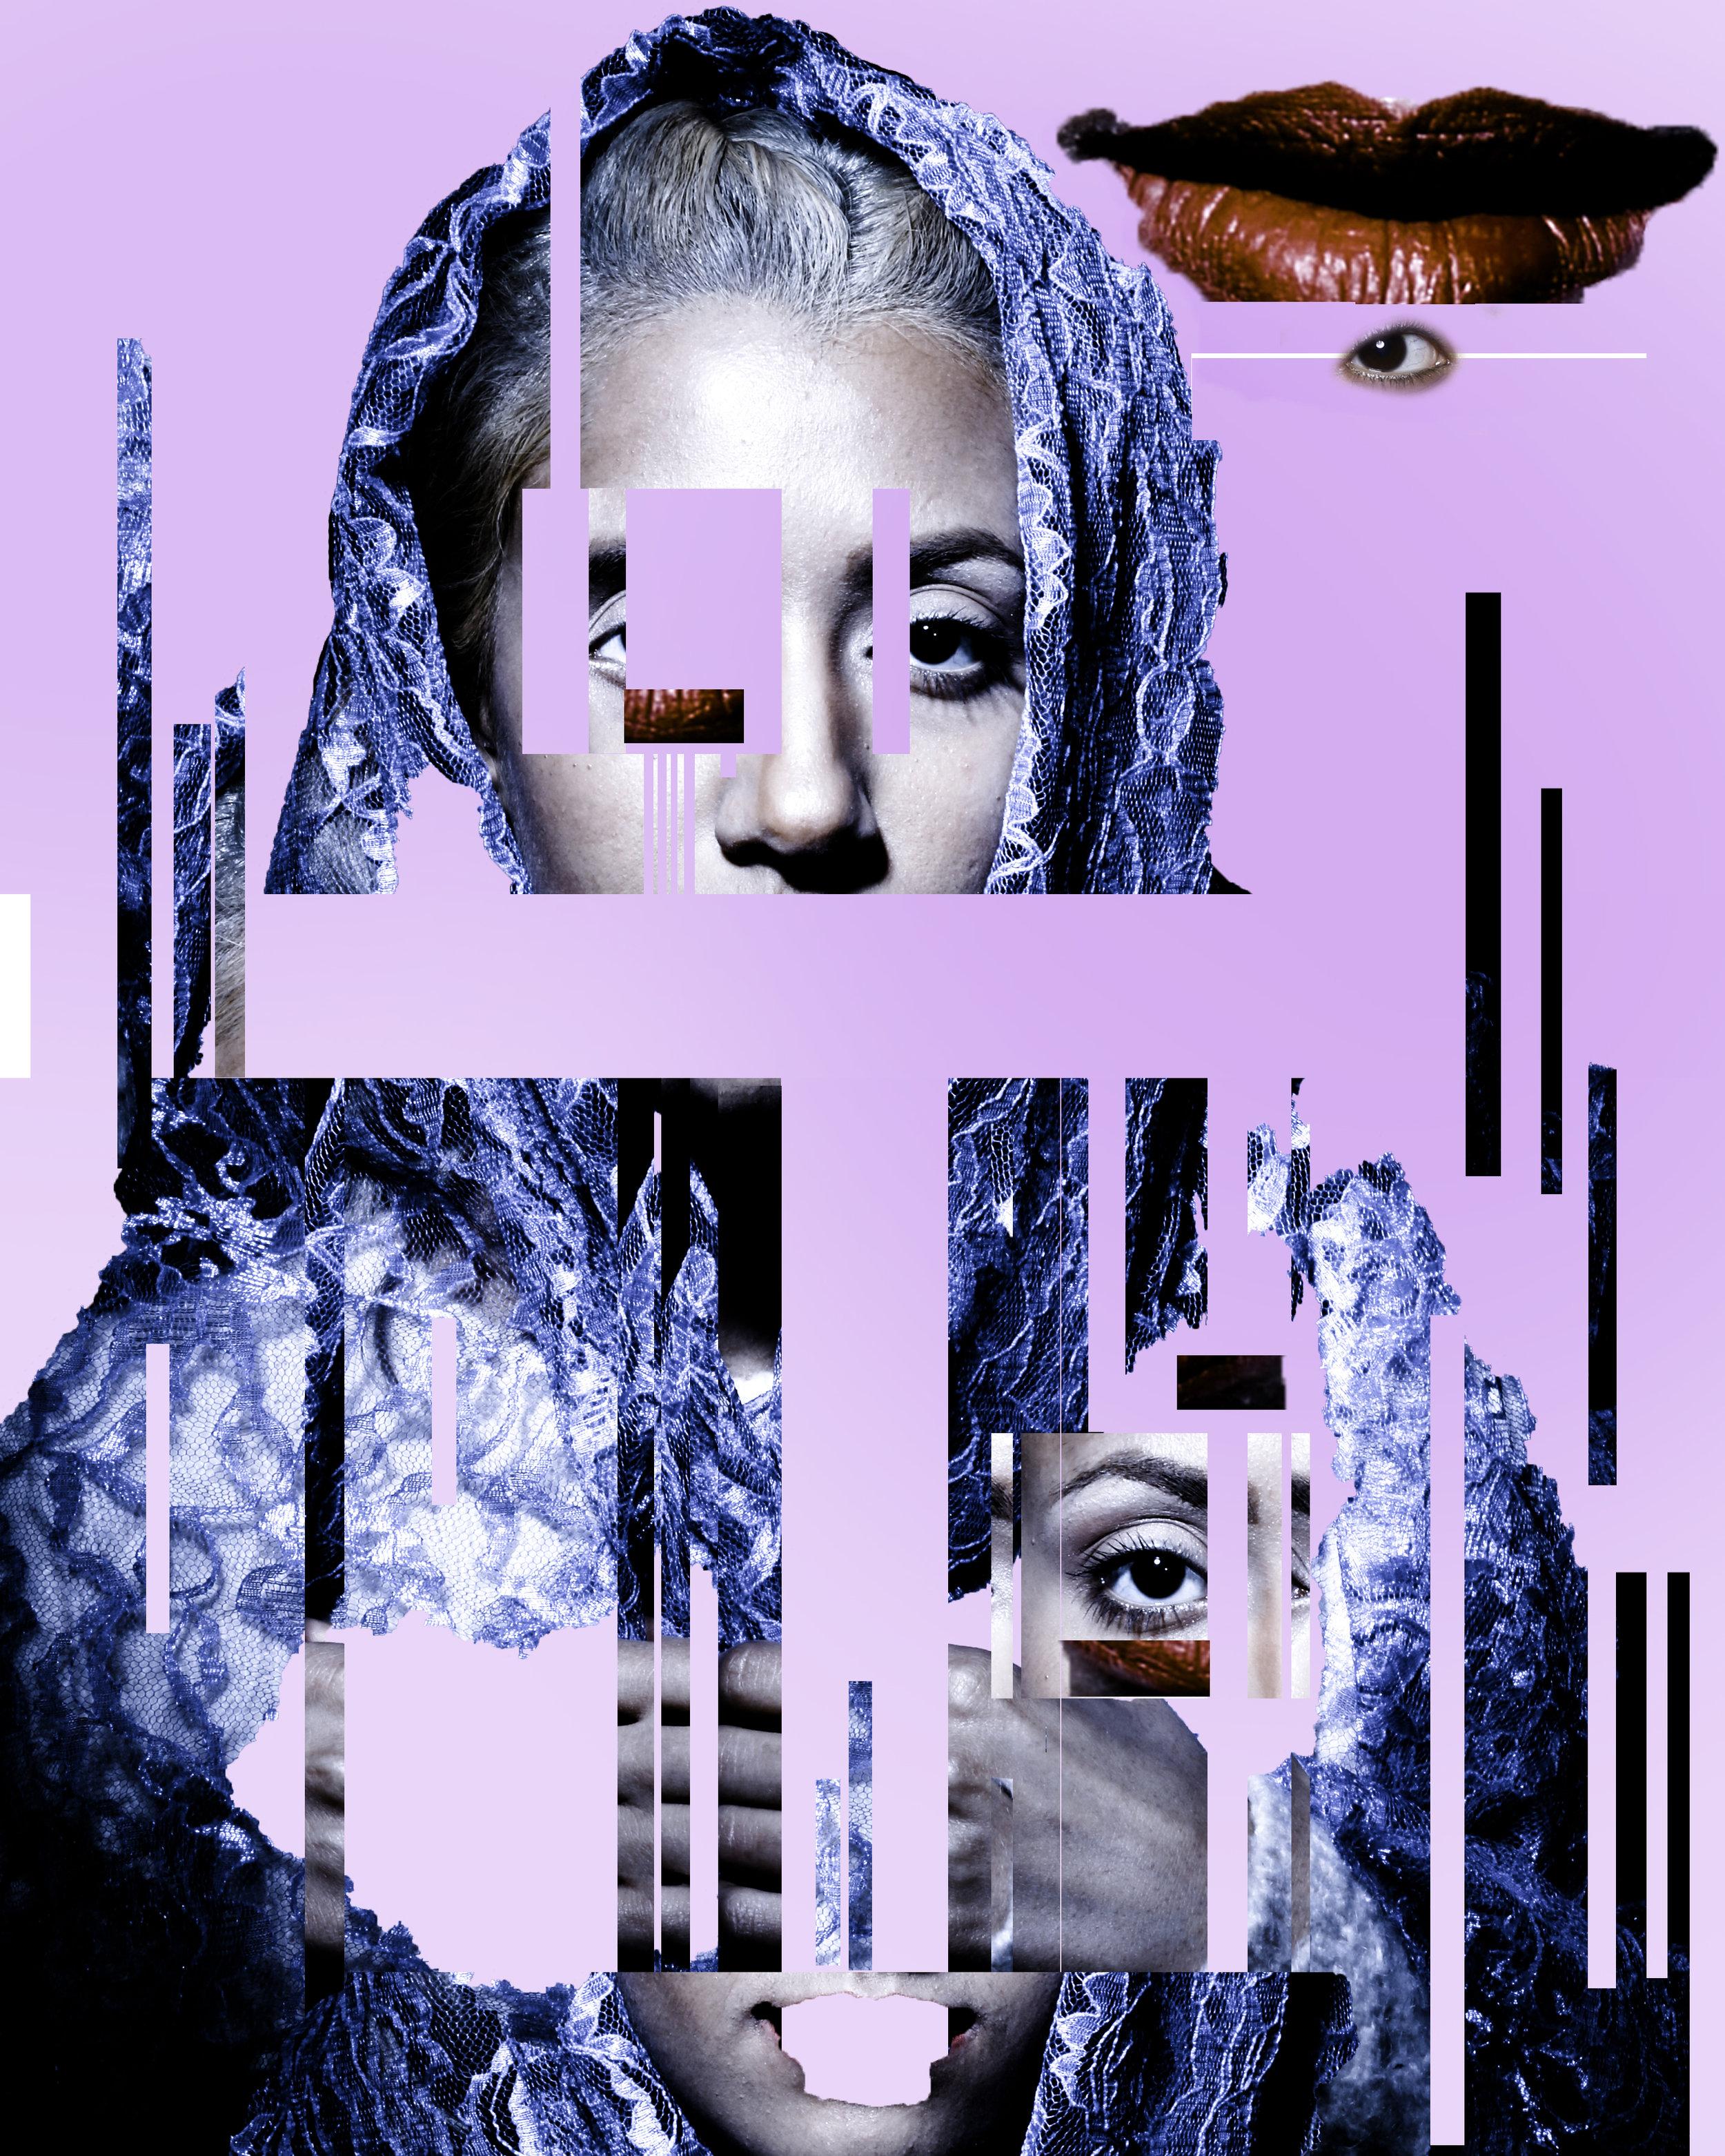 Digital Art made a few years ago of a portrait of Amal